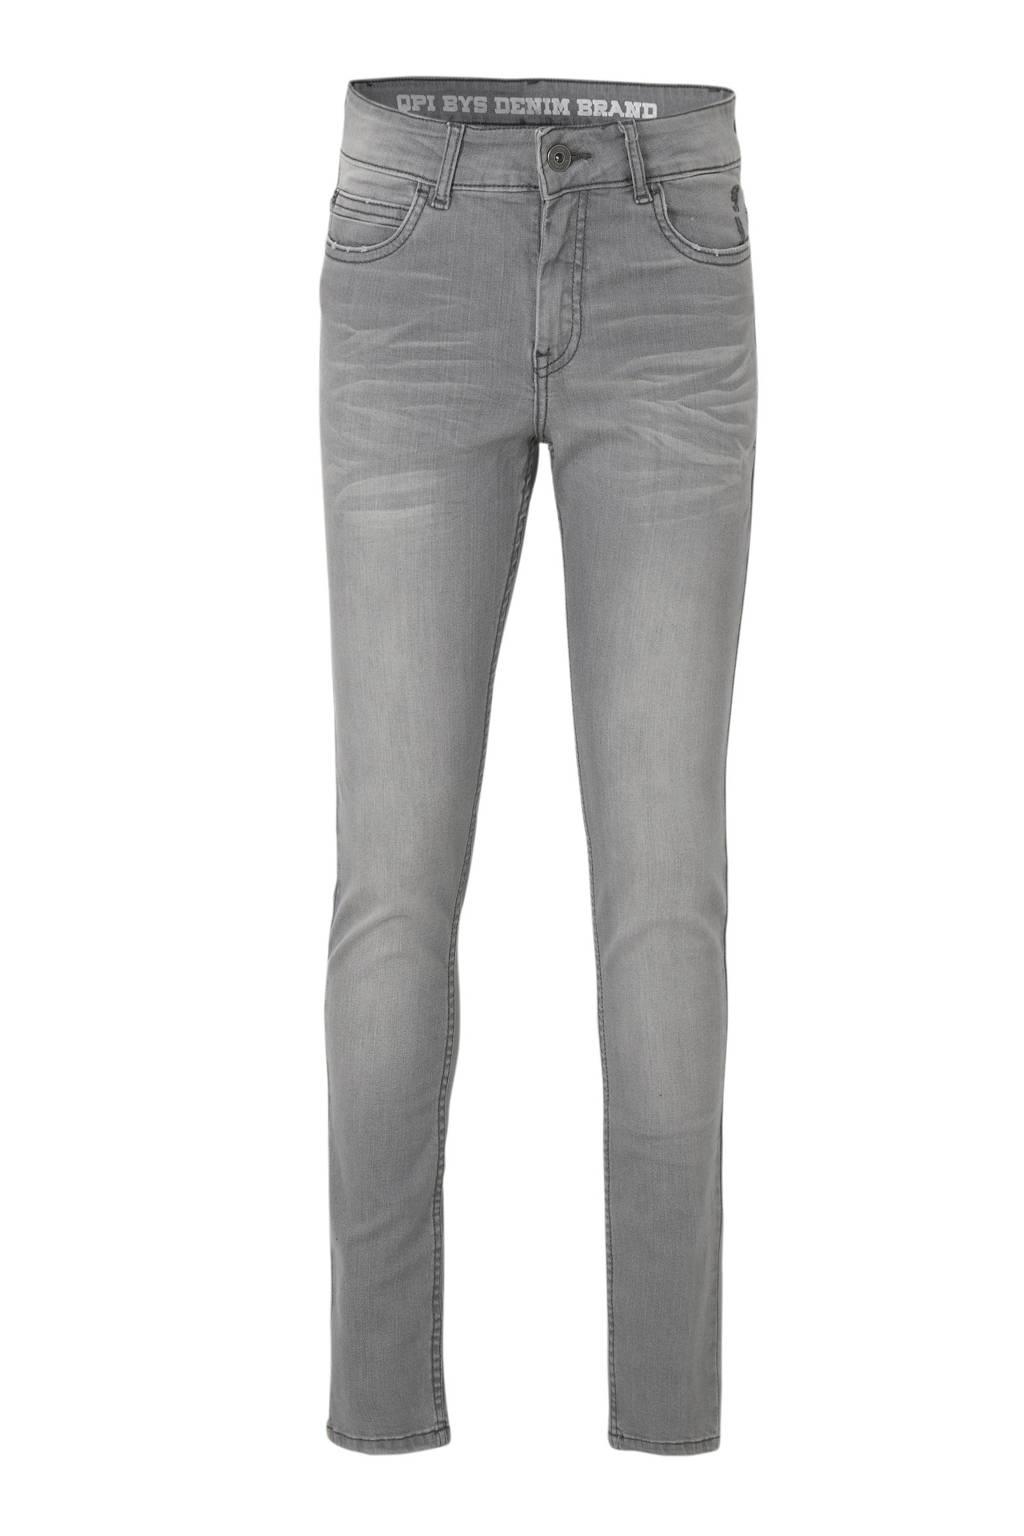 Quapi regular fit jeans Jake grijs, Grijs